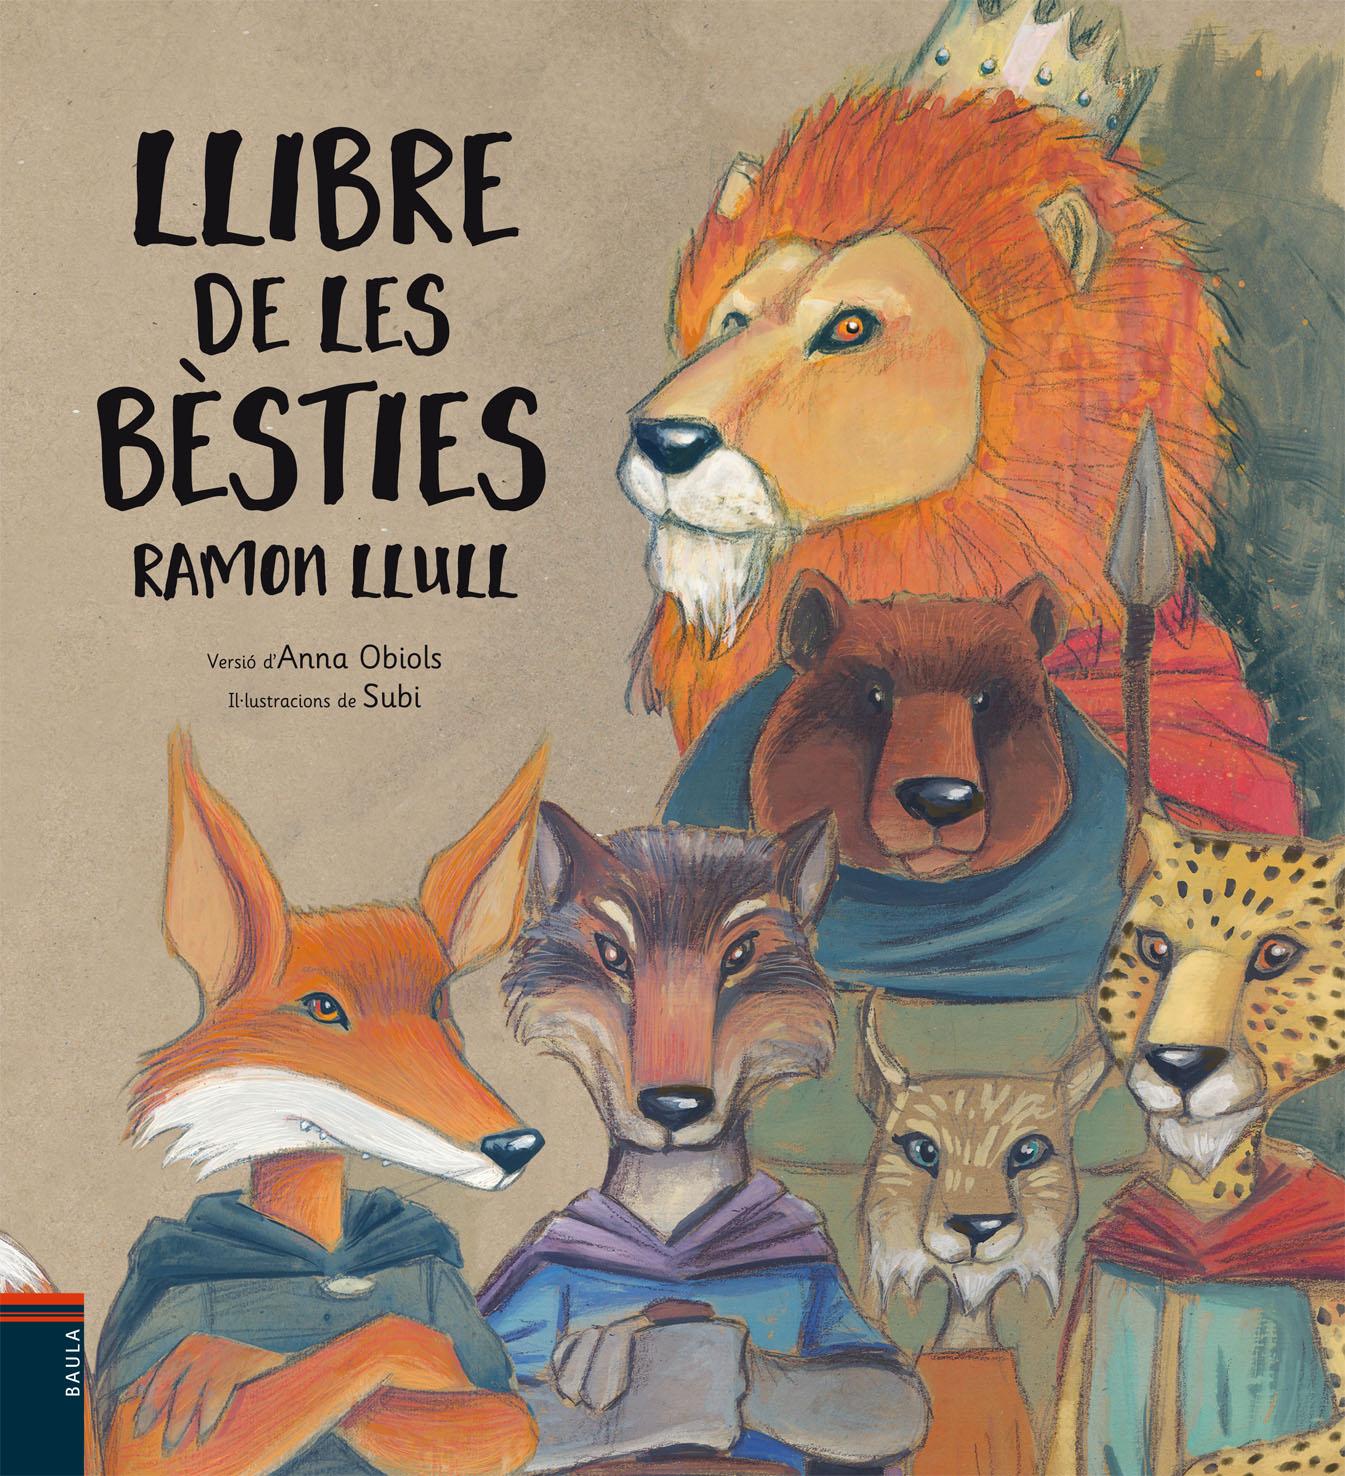 Llibre de les bèsties - Ramon Llull